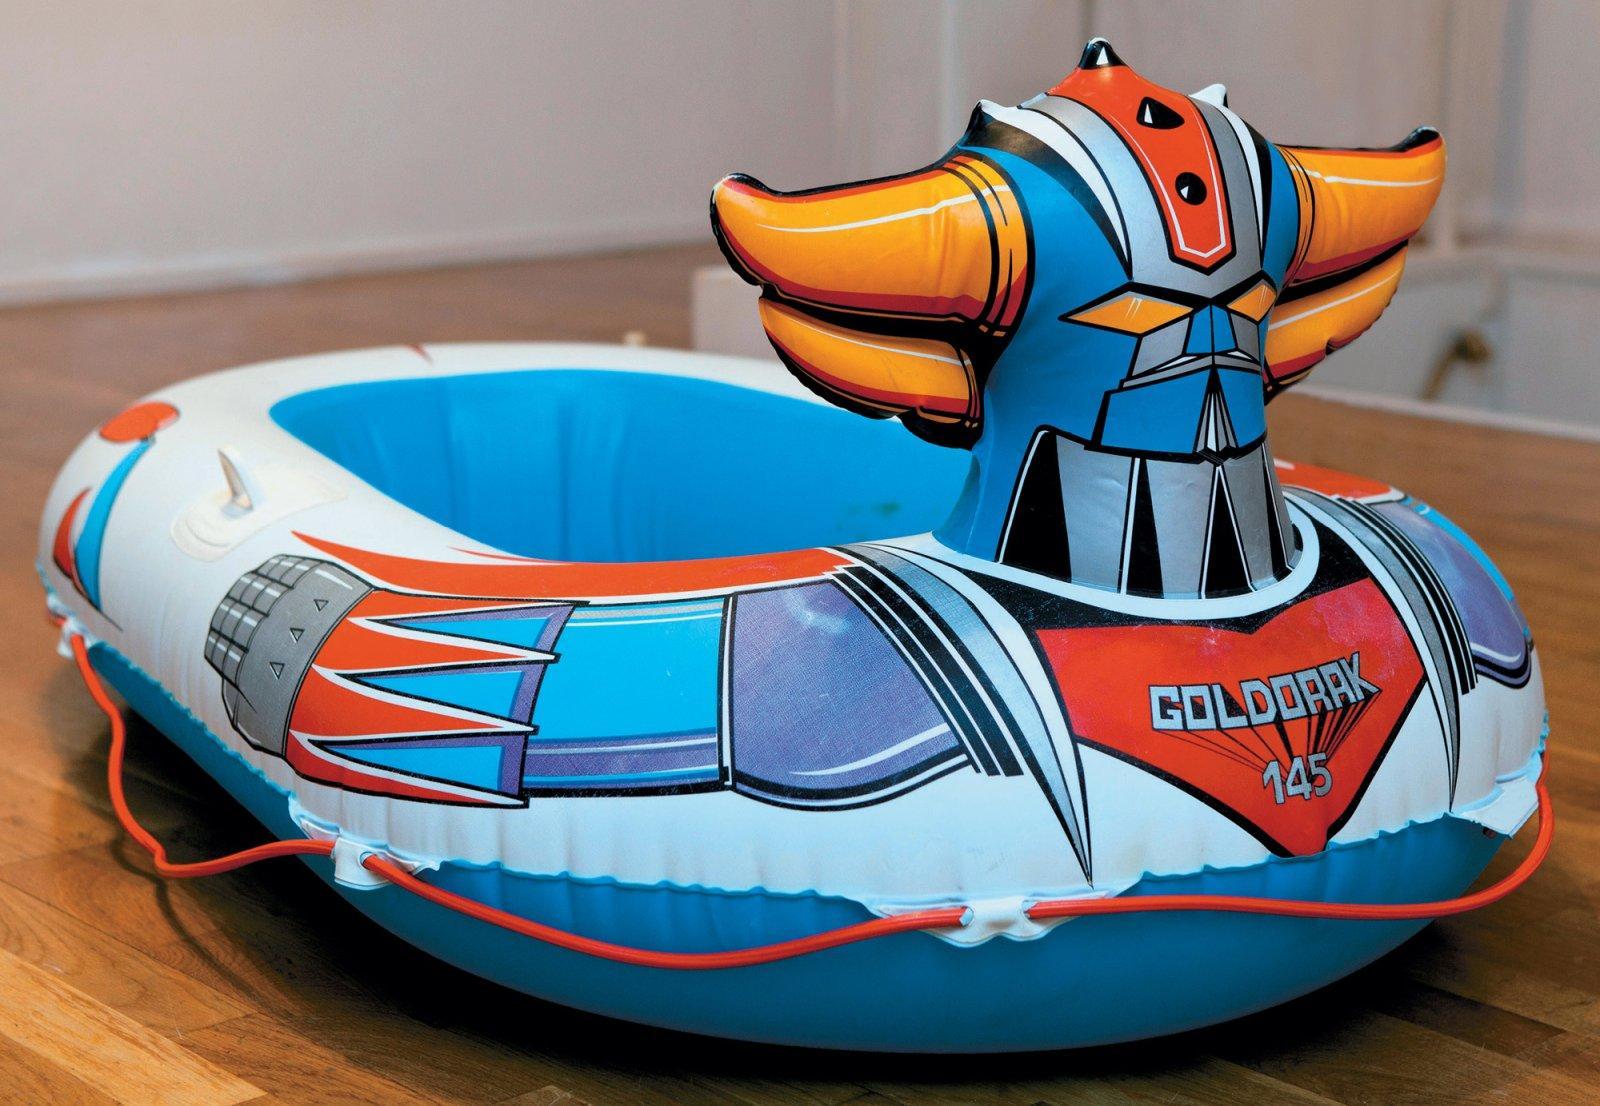 bateau pneumatique goldorak